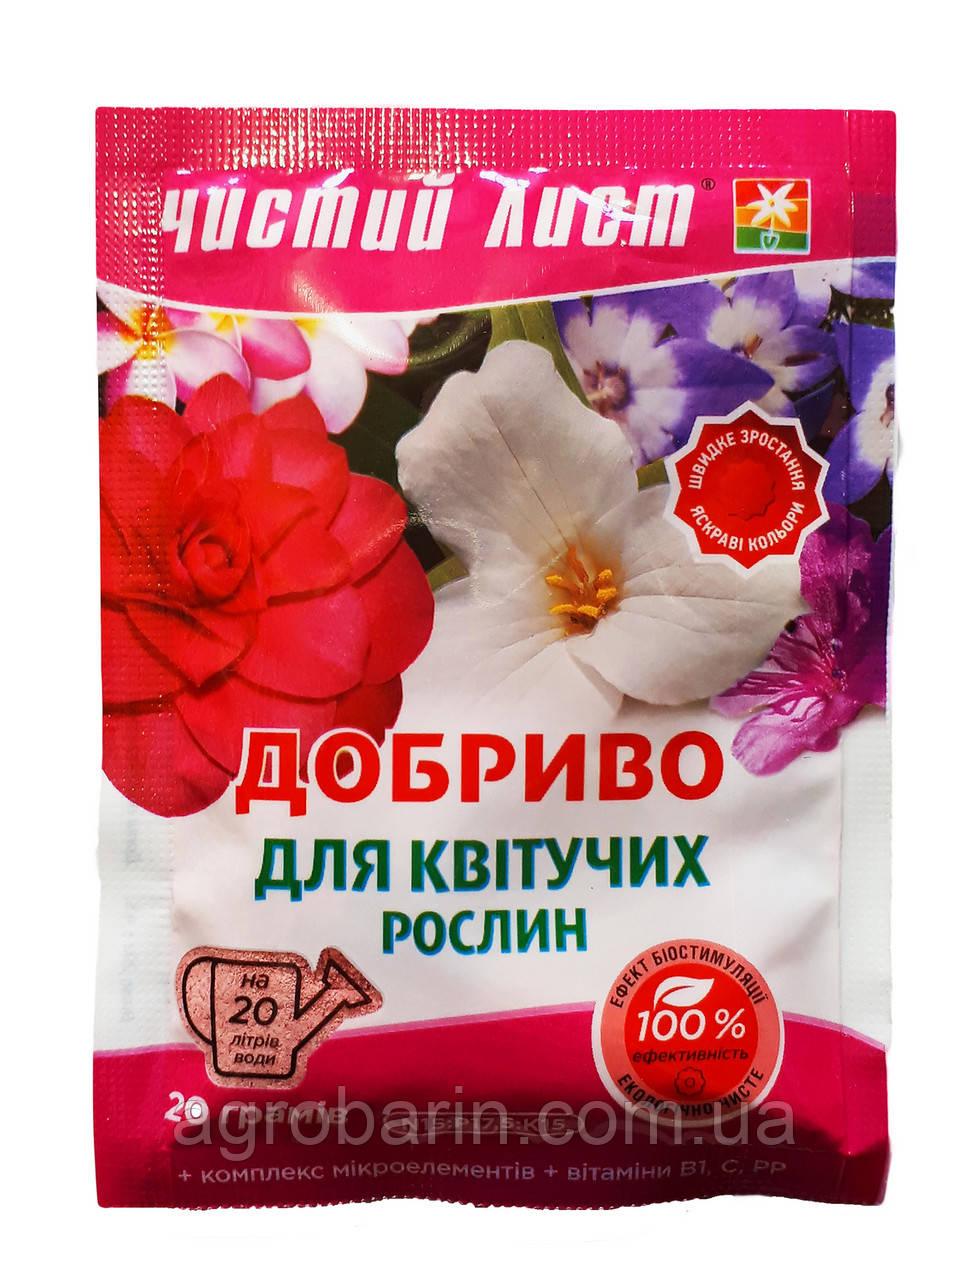 Чистый лист кристаллическое удобрение для Цветущих растений 20 гр.